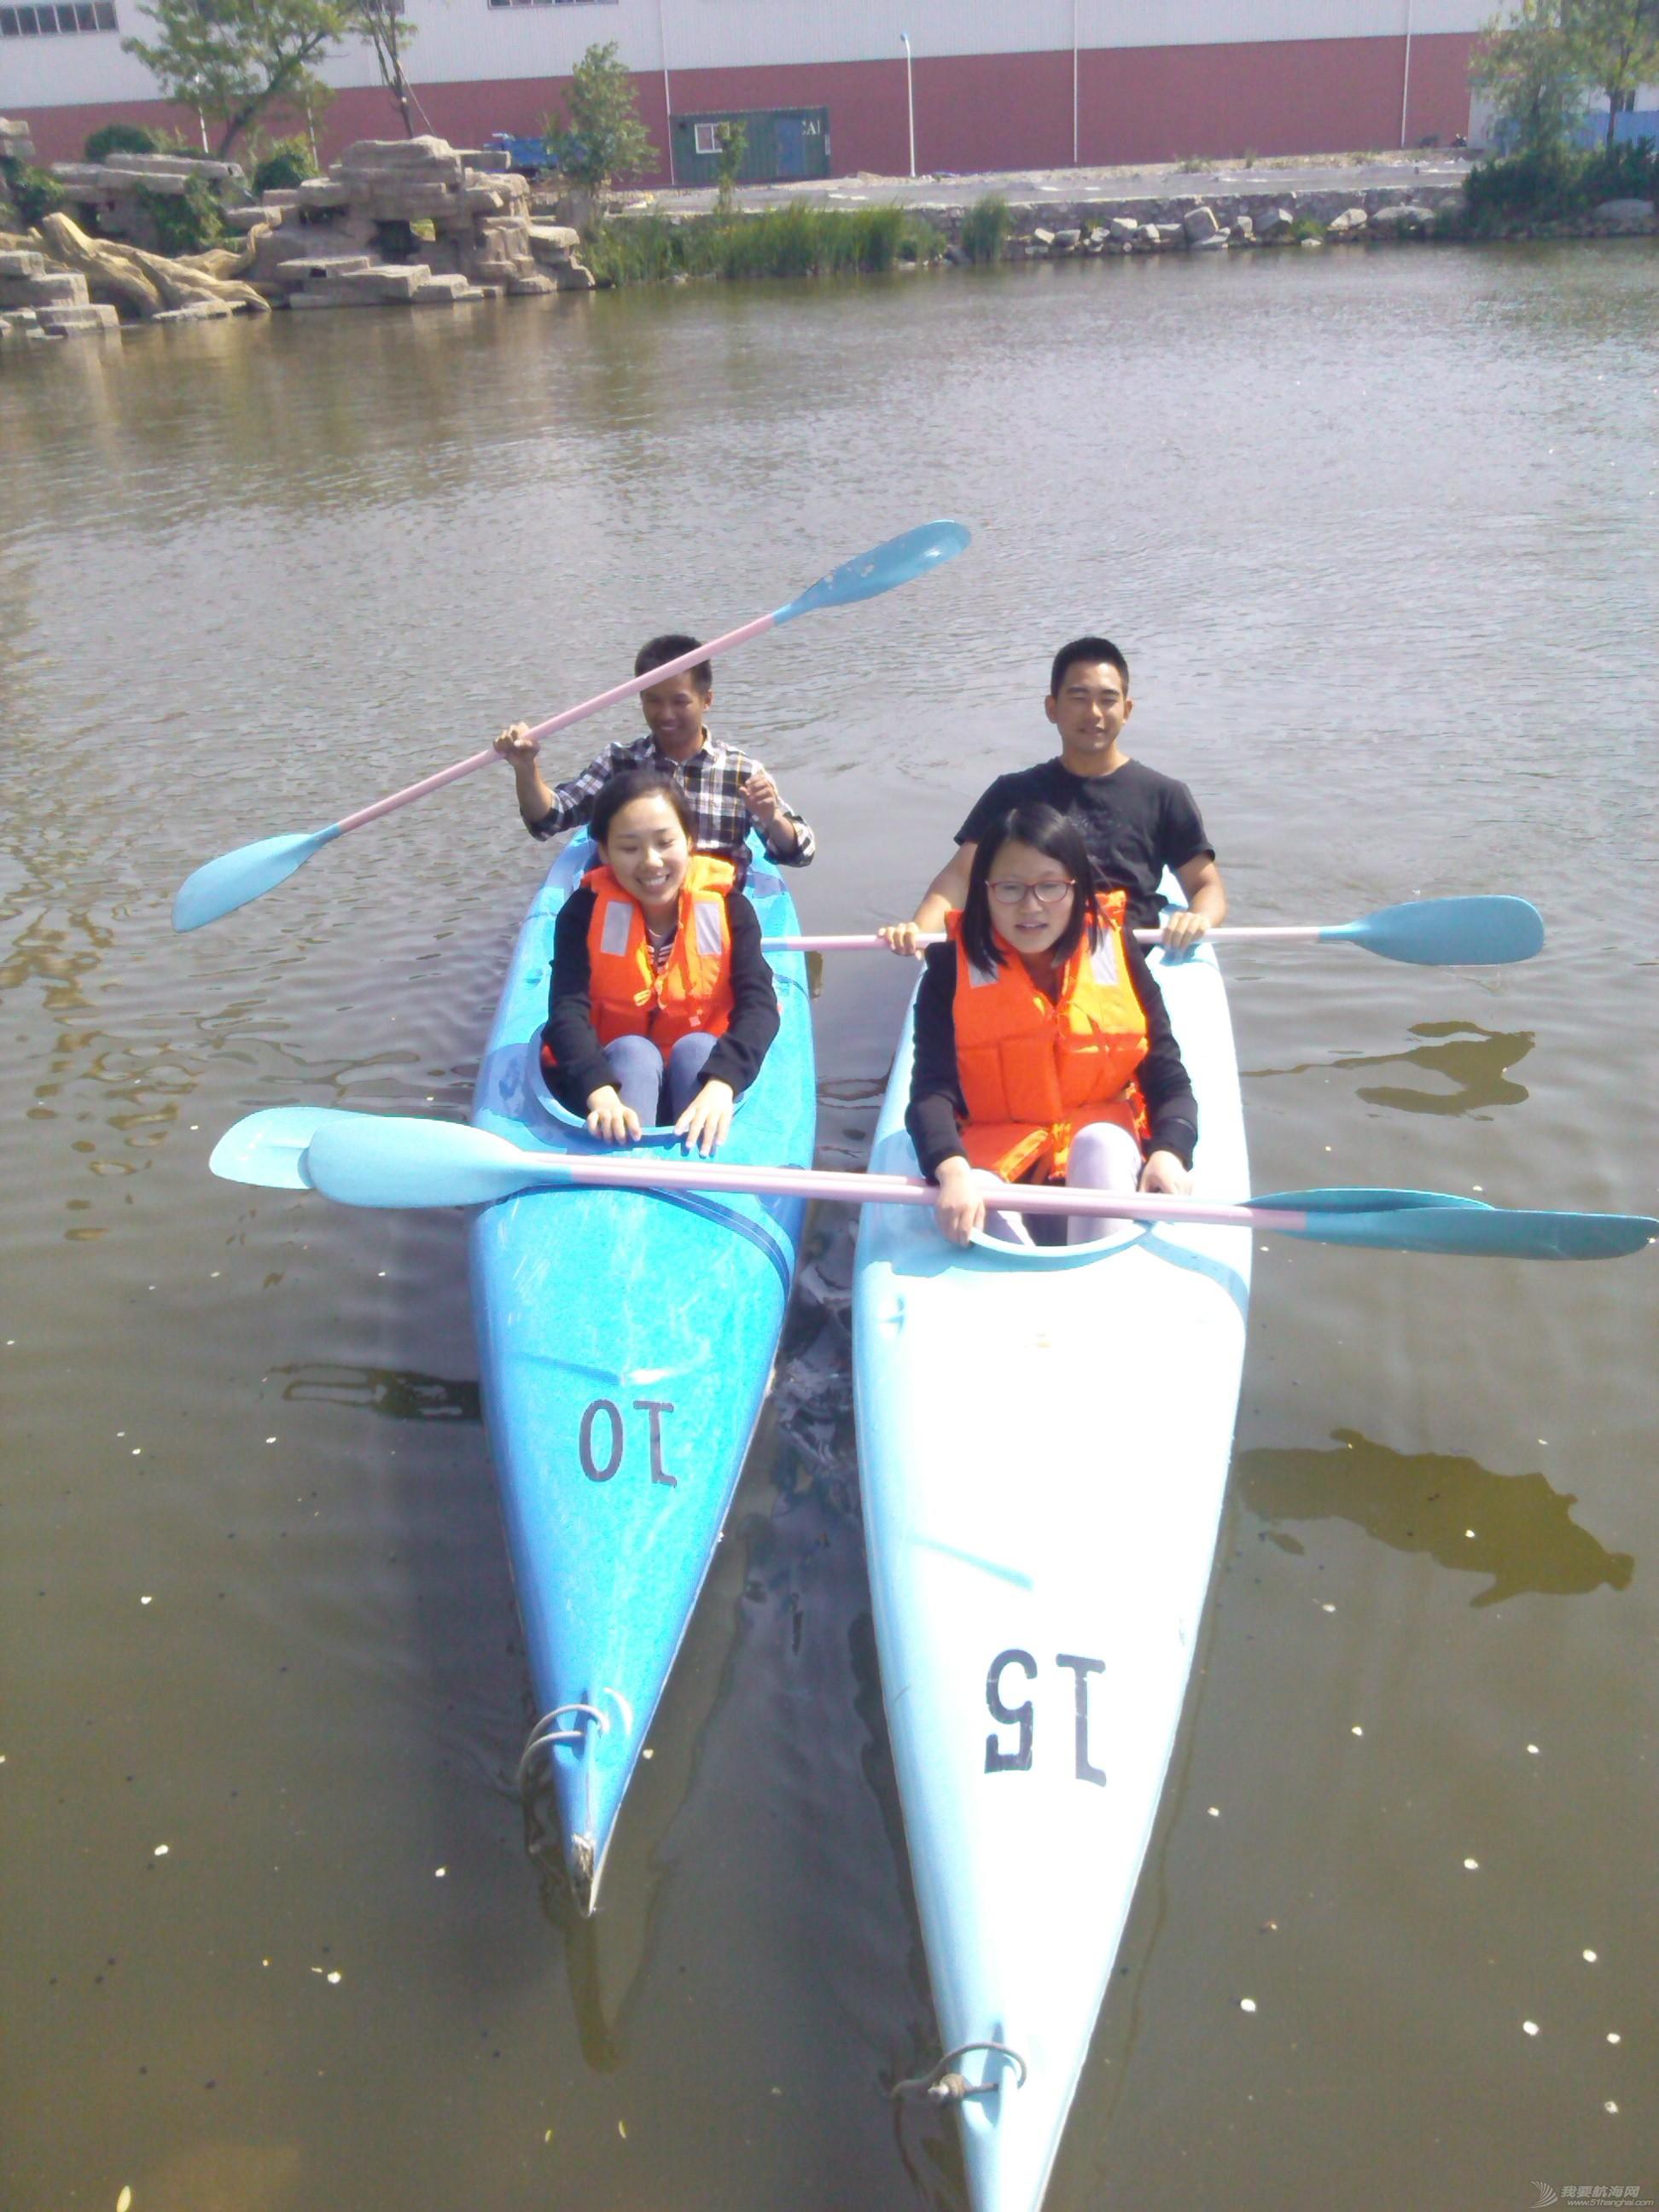 大连海事,运动会,大学,帆船 大连海事大学帆船队之校运动会心海湖活动